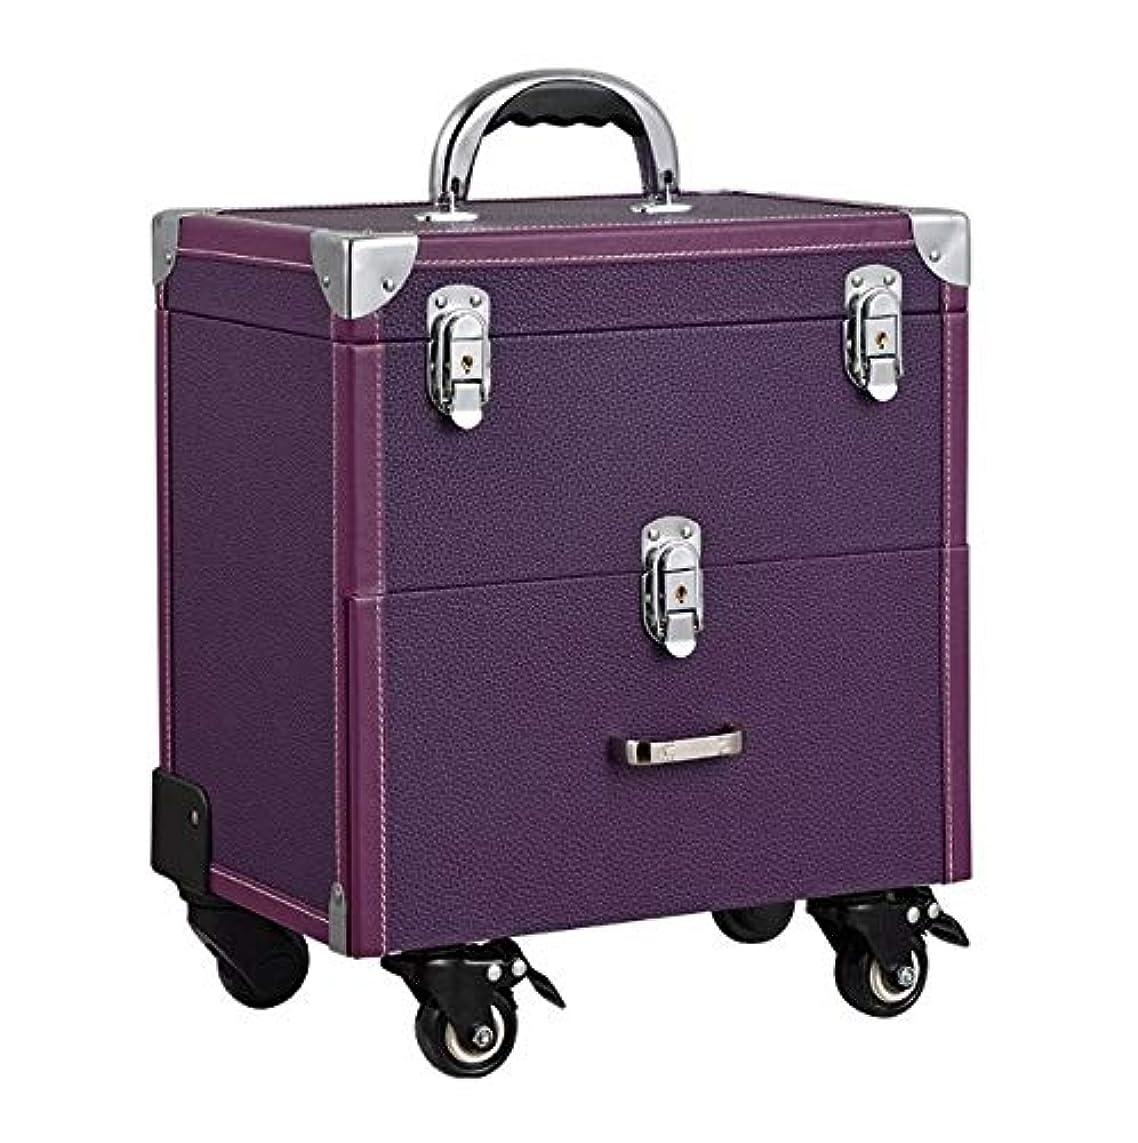 彫刻家事前忠実に化粧箱、大容量ダブルポール化粧品ケース、ポータブル旅行化粧品袋収納袋、美容化粧ネイルジュエリー収納ボックス (Color : Purple)